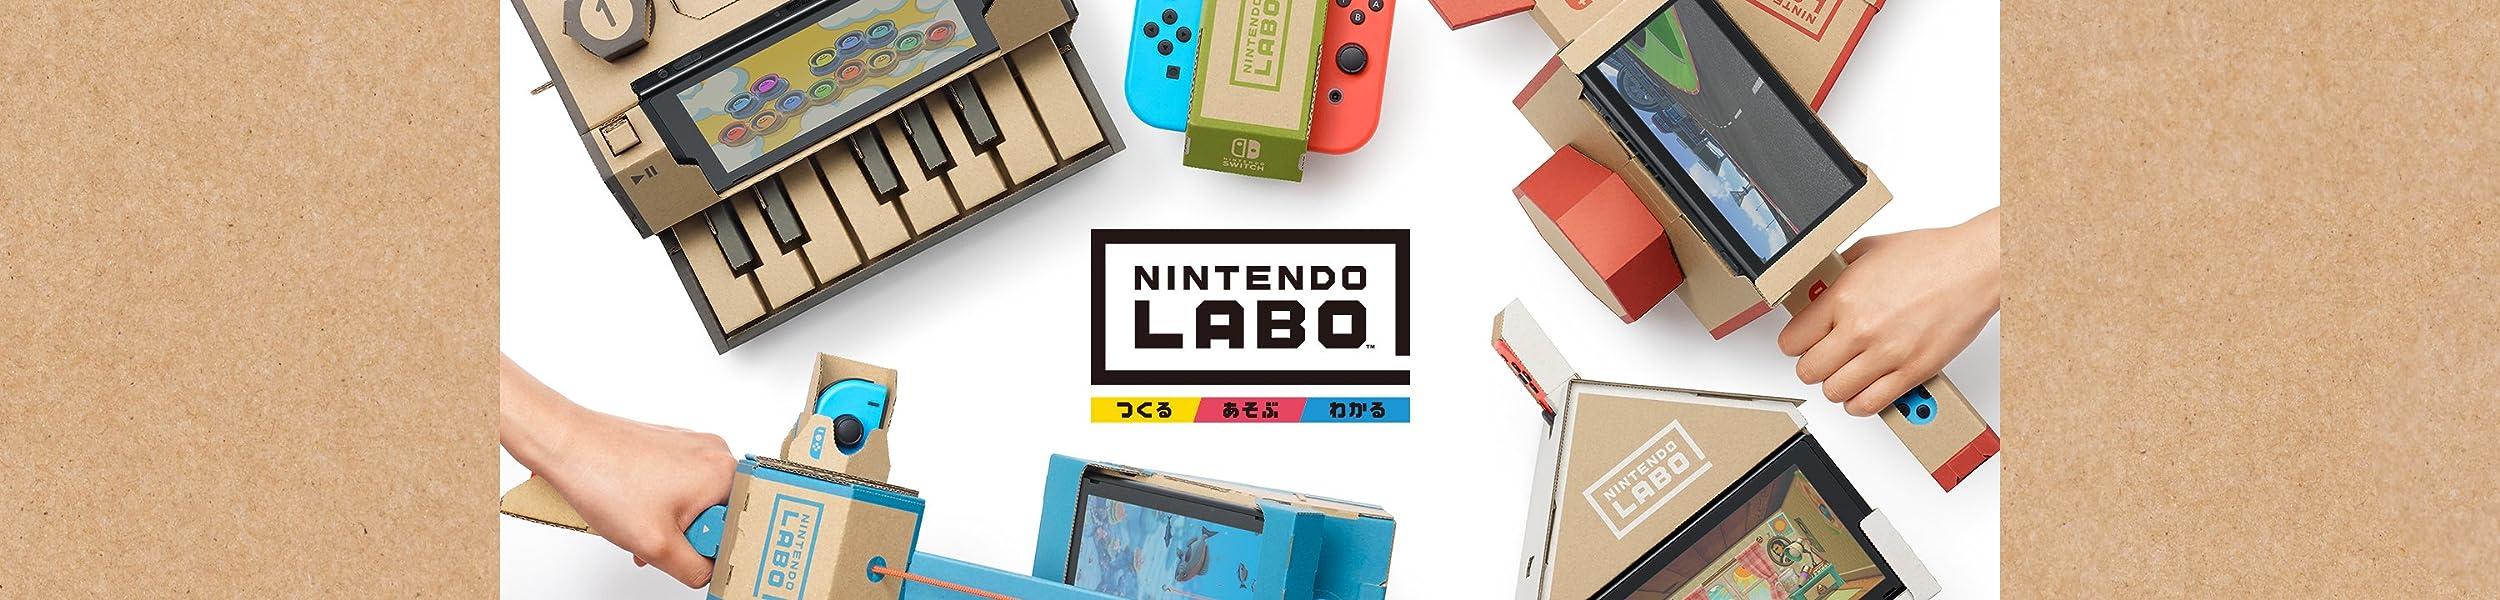 遊びの発明 Nintendo Labo 4月20日発売